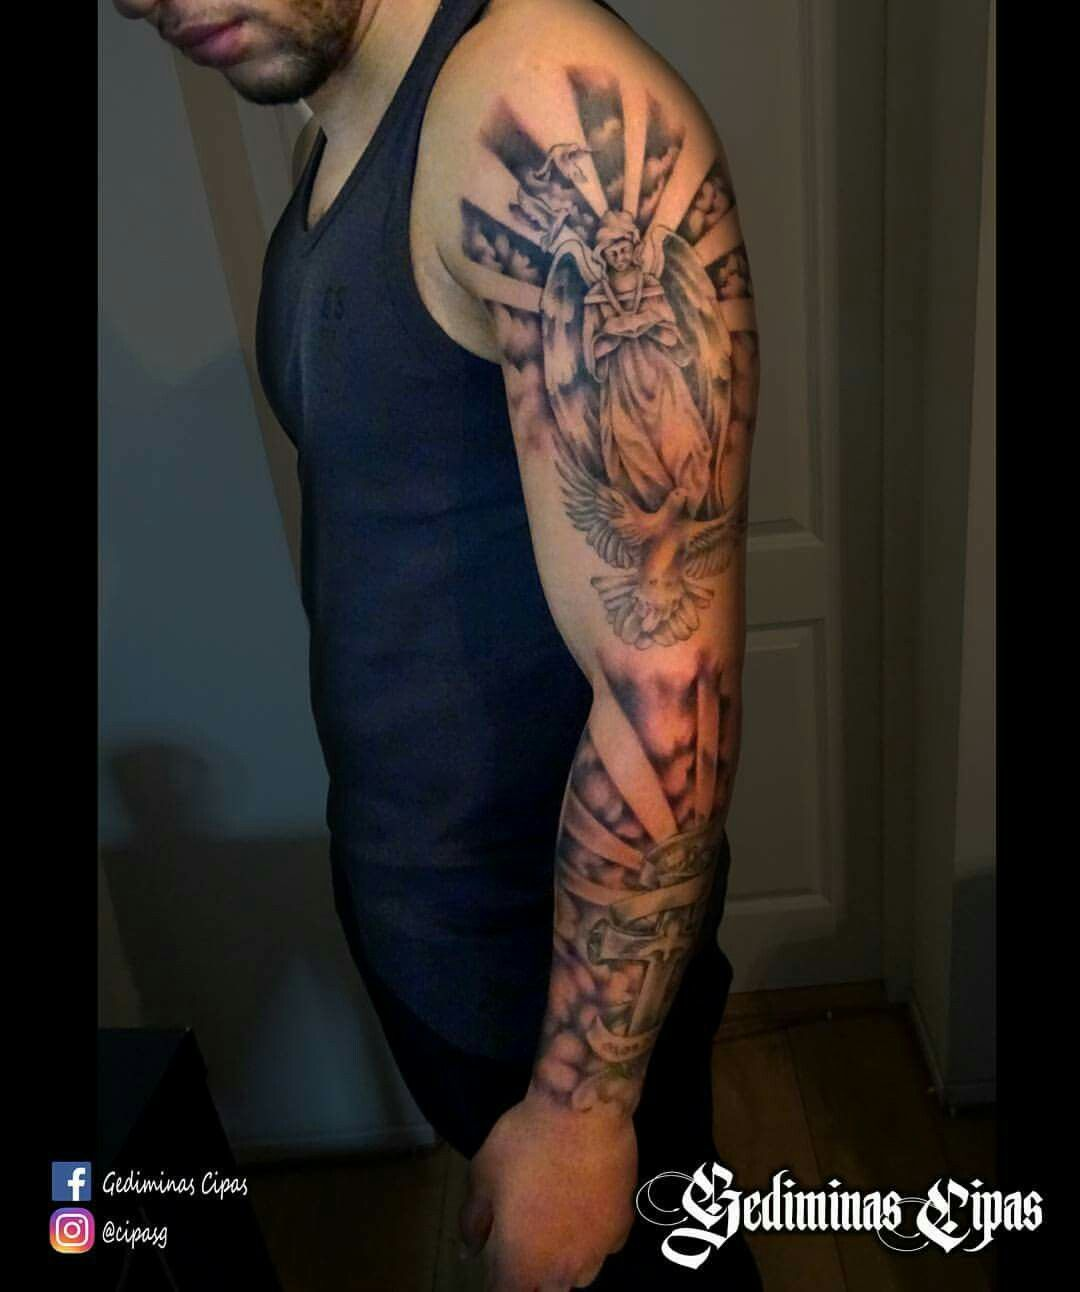 Tattoo Design Tattoo Sketch Religiouse Tattoo Angel Tattoo Arm Sleve Tattoo Art Nc Tattoo Tattoo Artists Tattoos